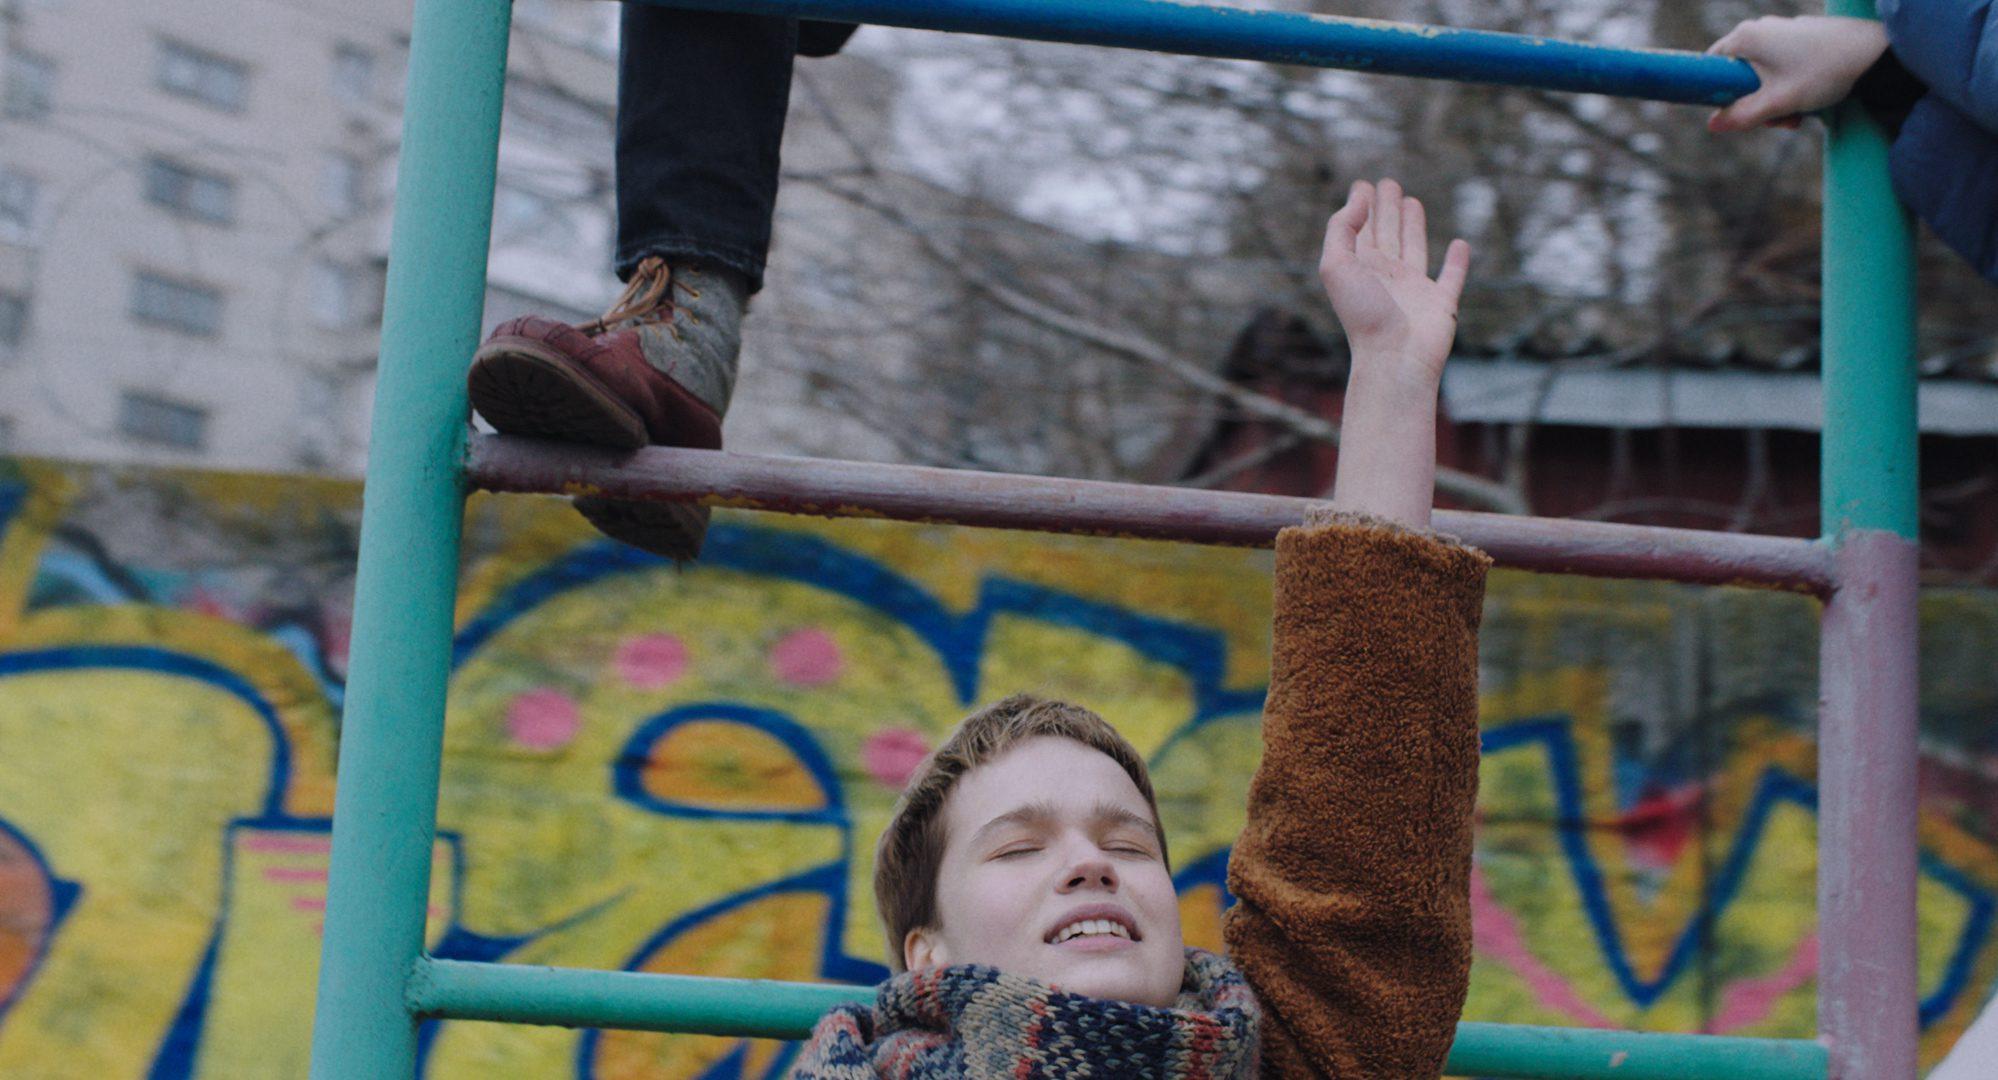 stop zemlia 8 - <b>Школа, у якій ви не вчилися.</b> Фільм «Стоп-Земля» Катерини Горностай - Заборона